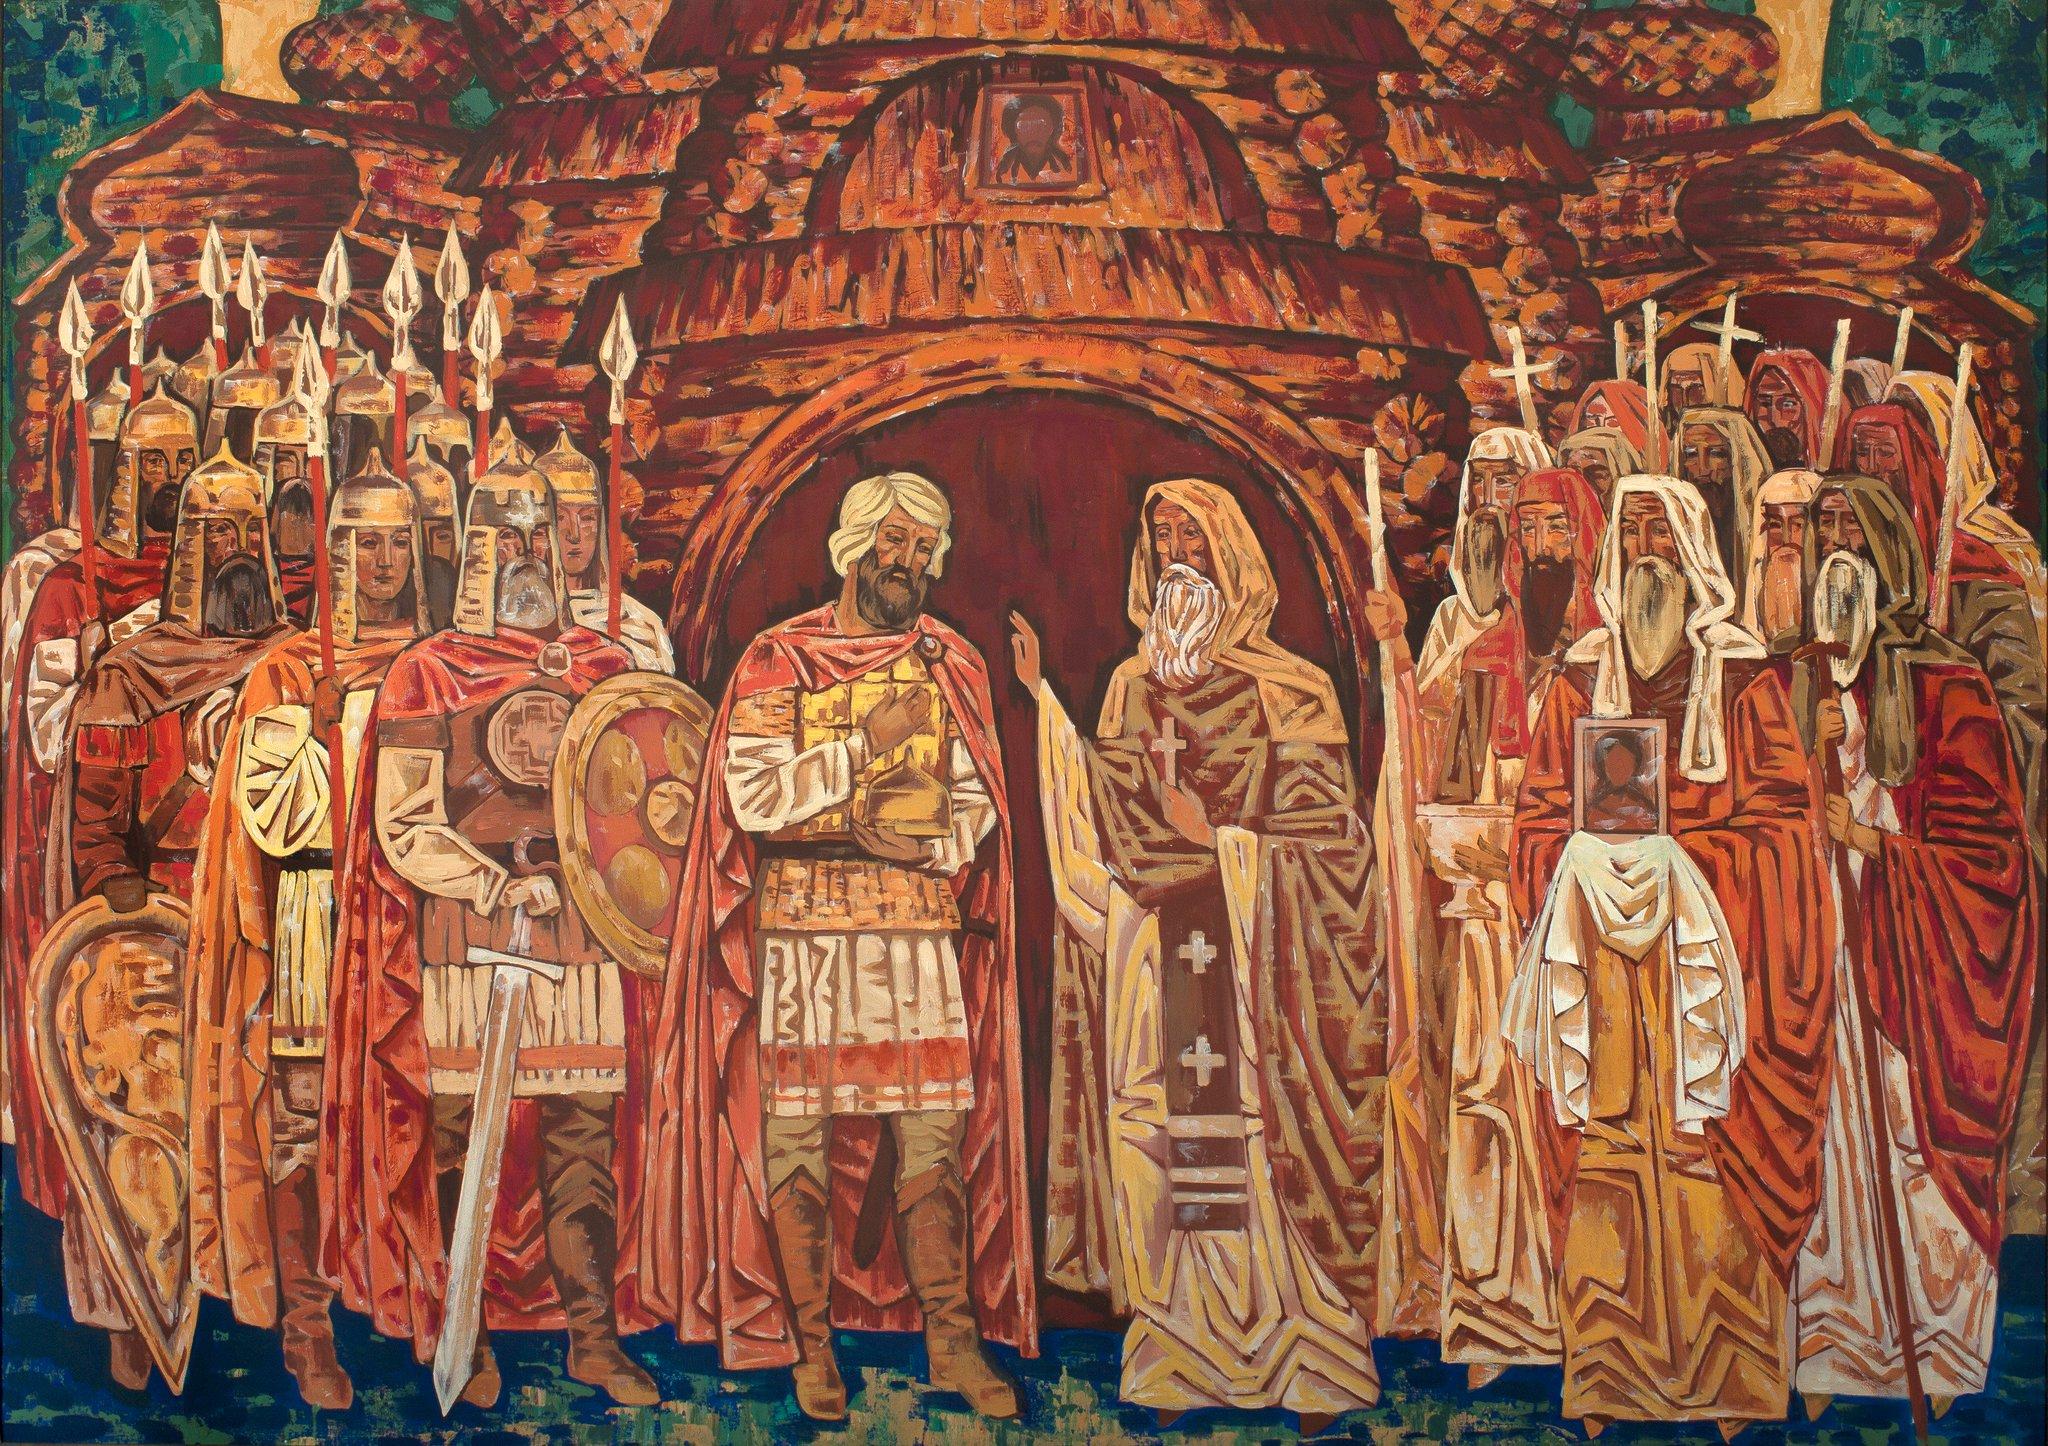 мастерски картинка благословение дмитрия донского сергием радонежским камнем может